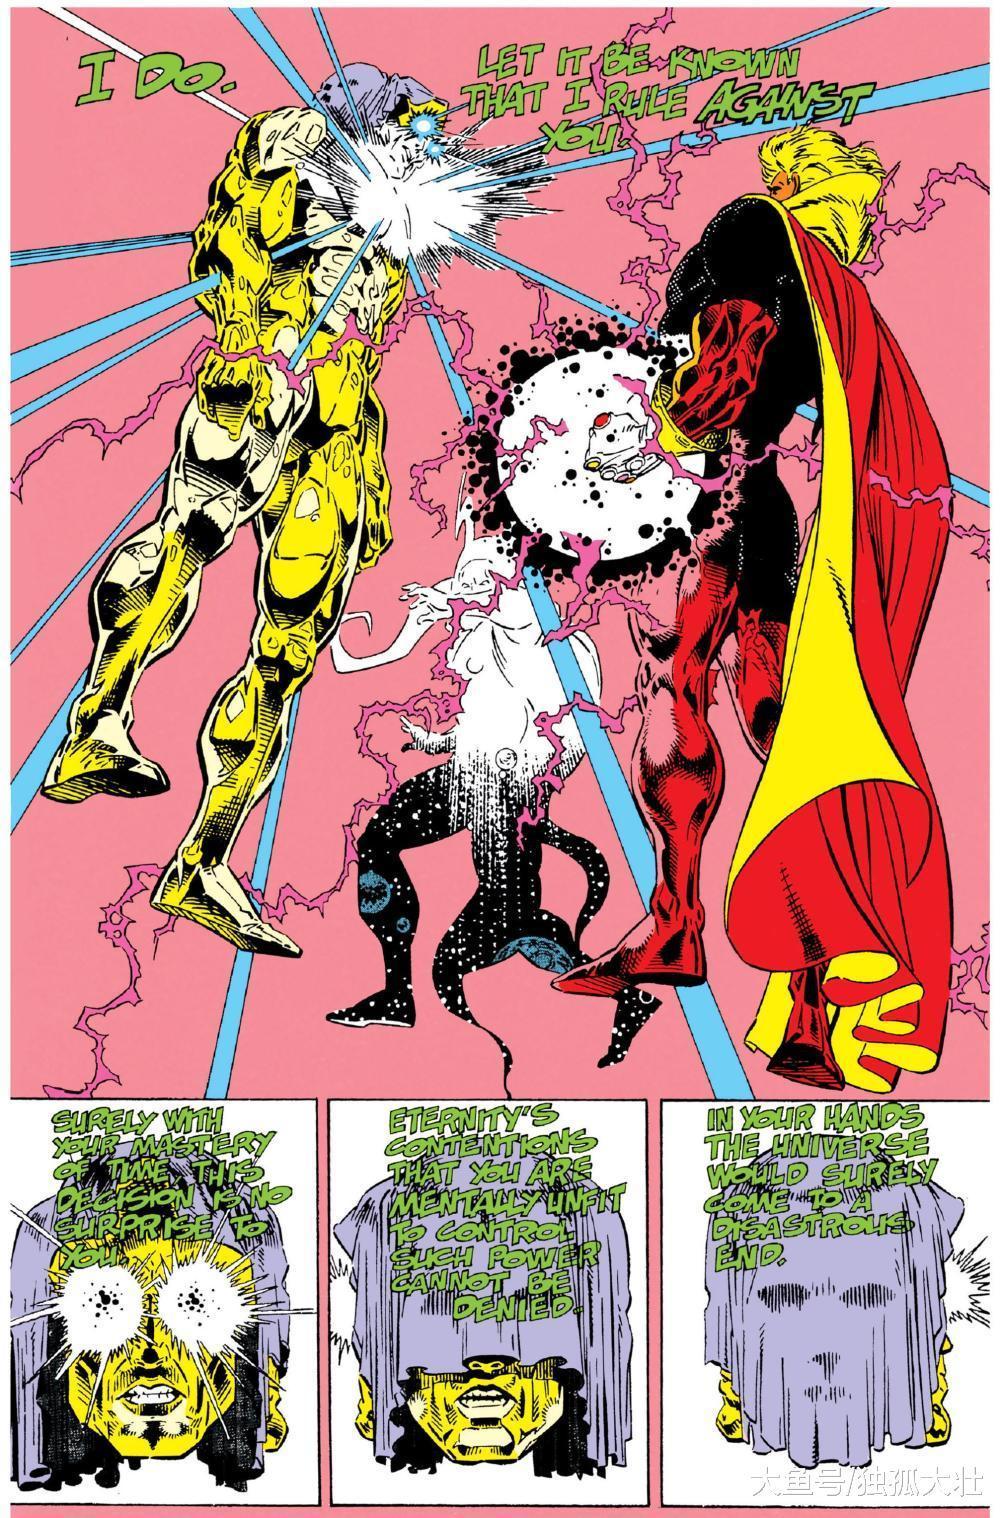 《无限守望》金刚狼将和洛基成为队友, 狼叔将拥有无限手套!